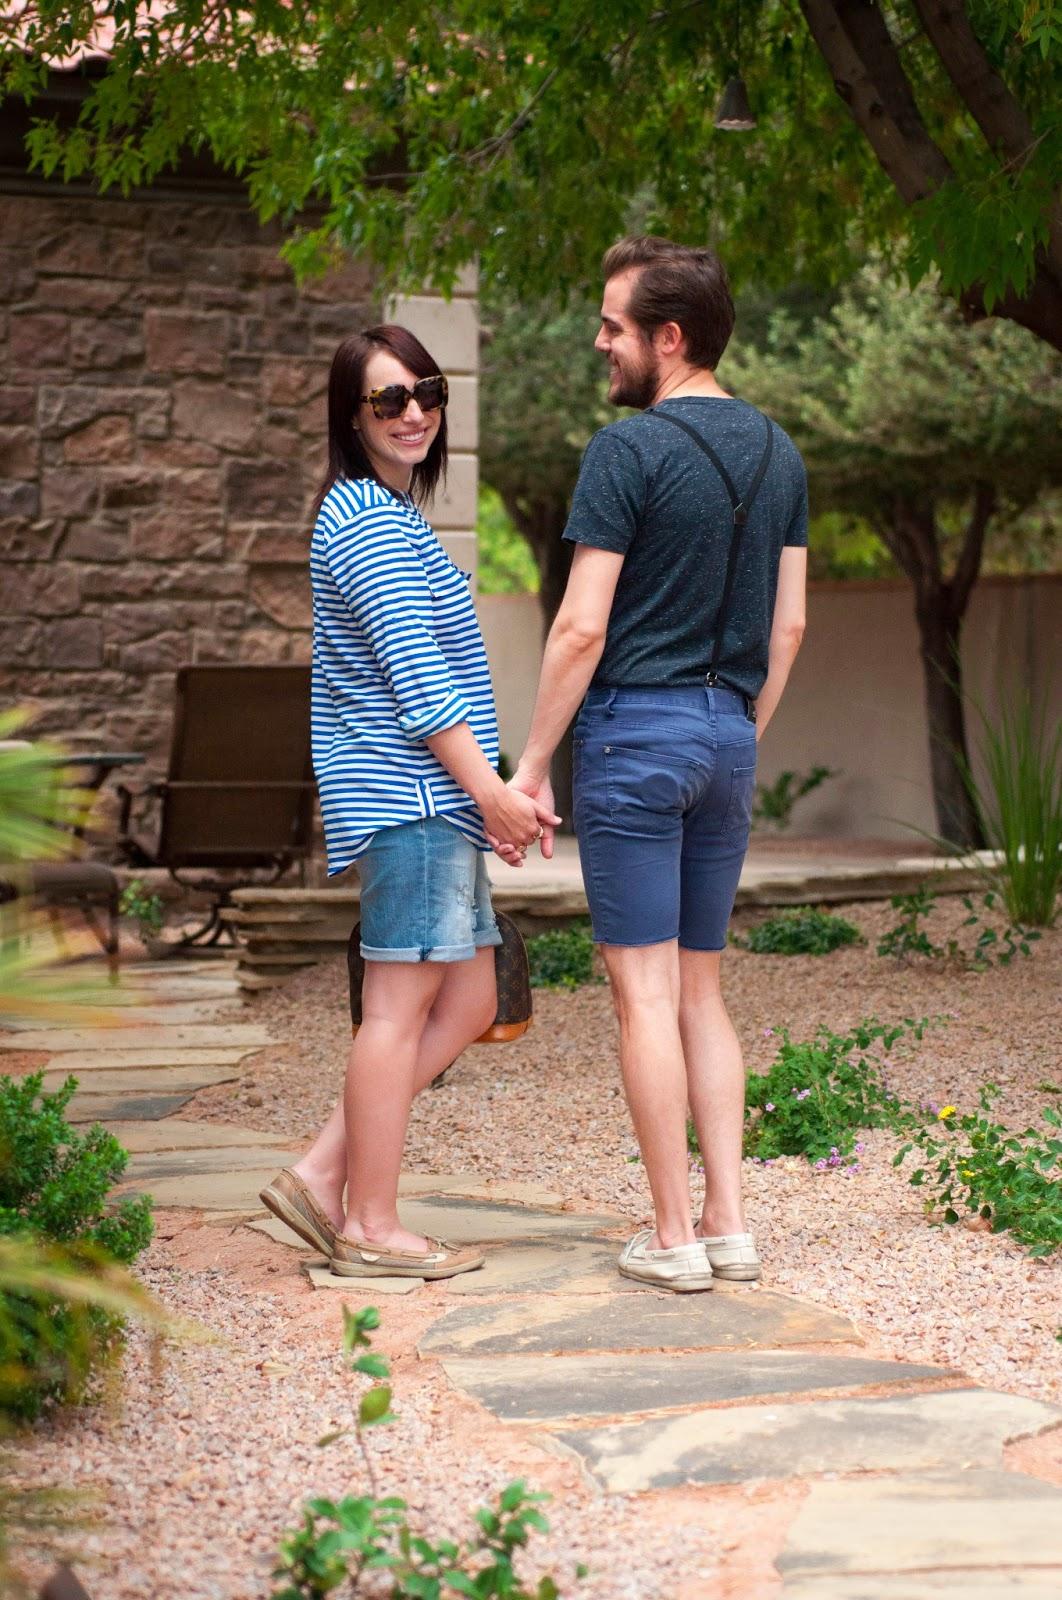 couples fashion, mens fashion blog, sperry topsider for men, suspenders, zara, ootd, karen walker sunglasses